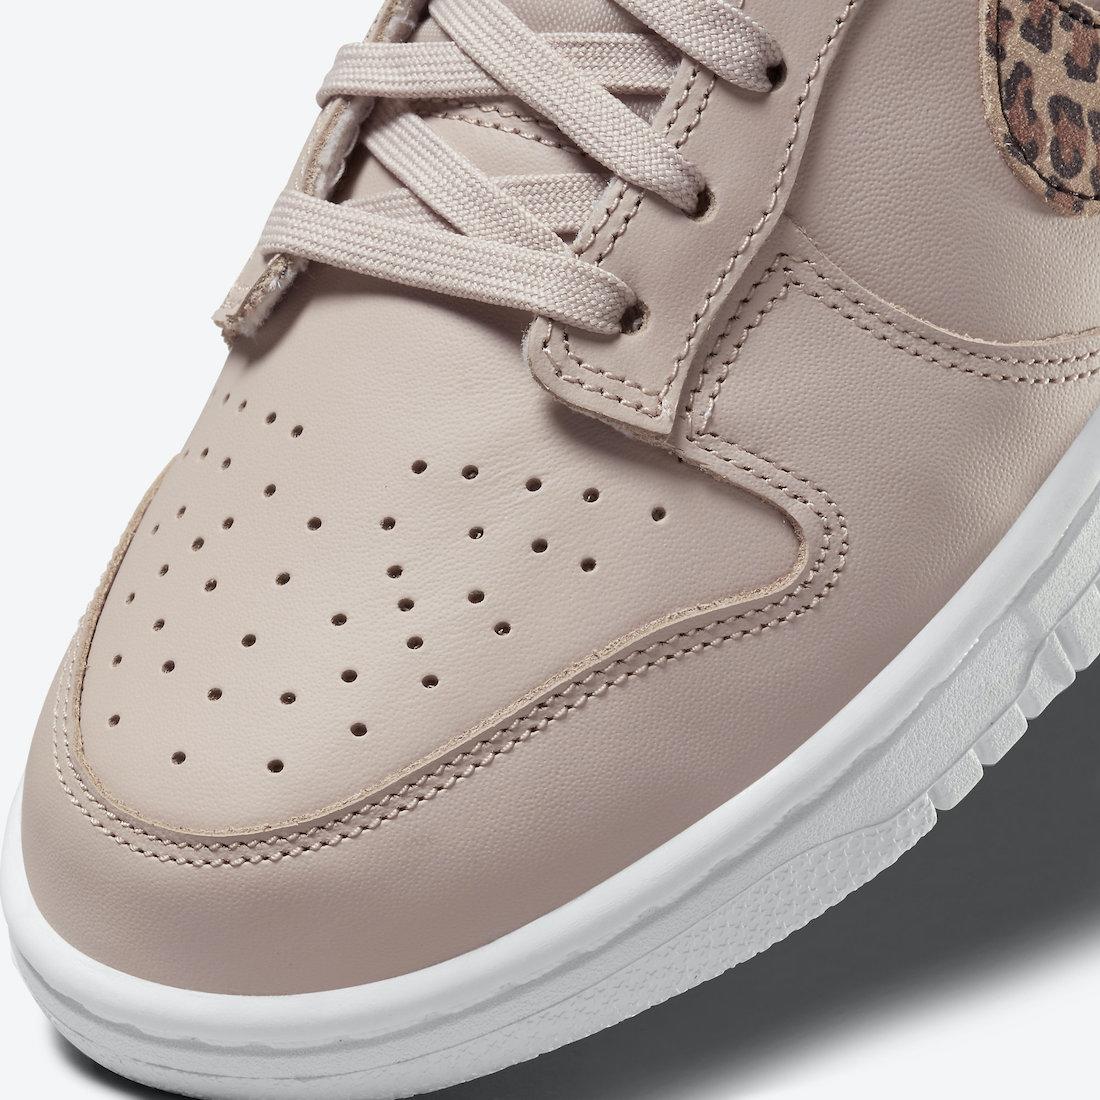 Nike Dunk Low Pink Leopard WMNS DD7099-200 Release Date Info